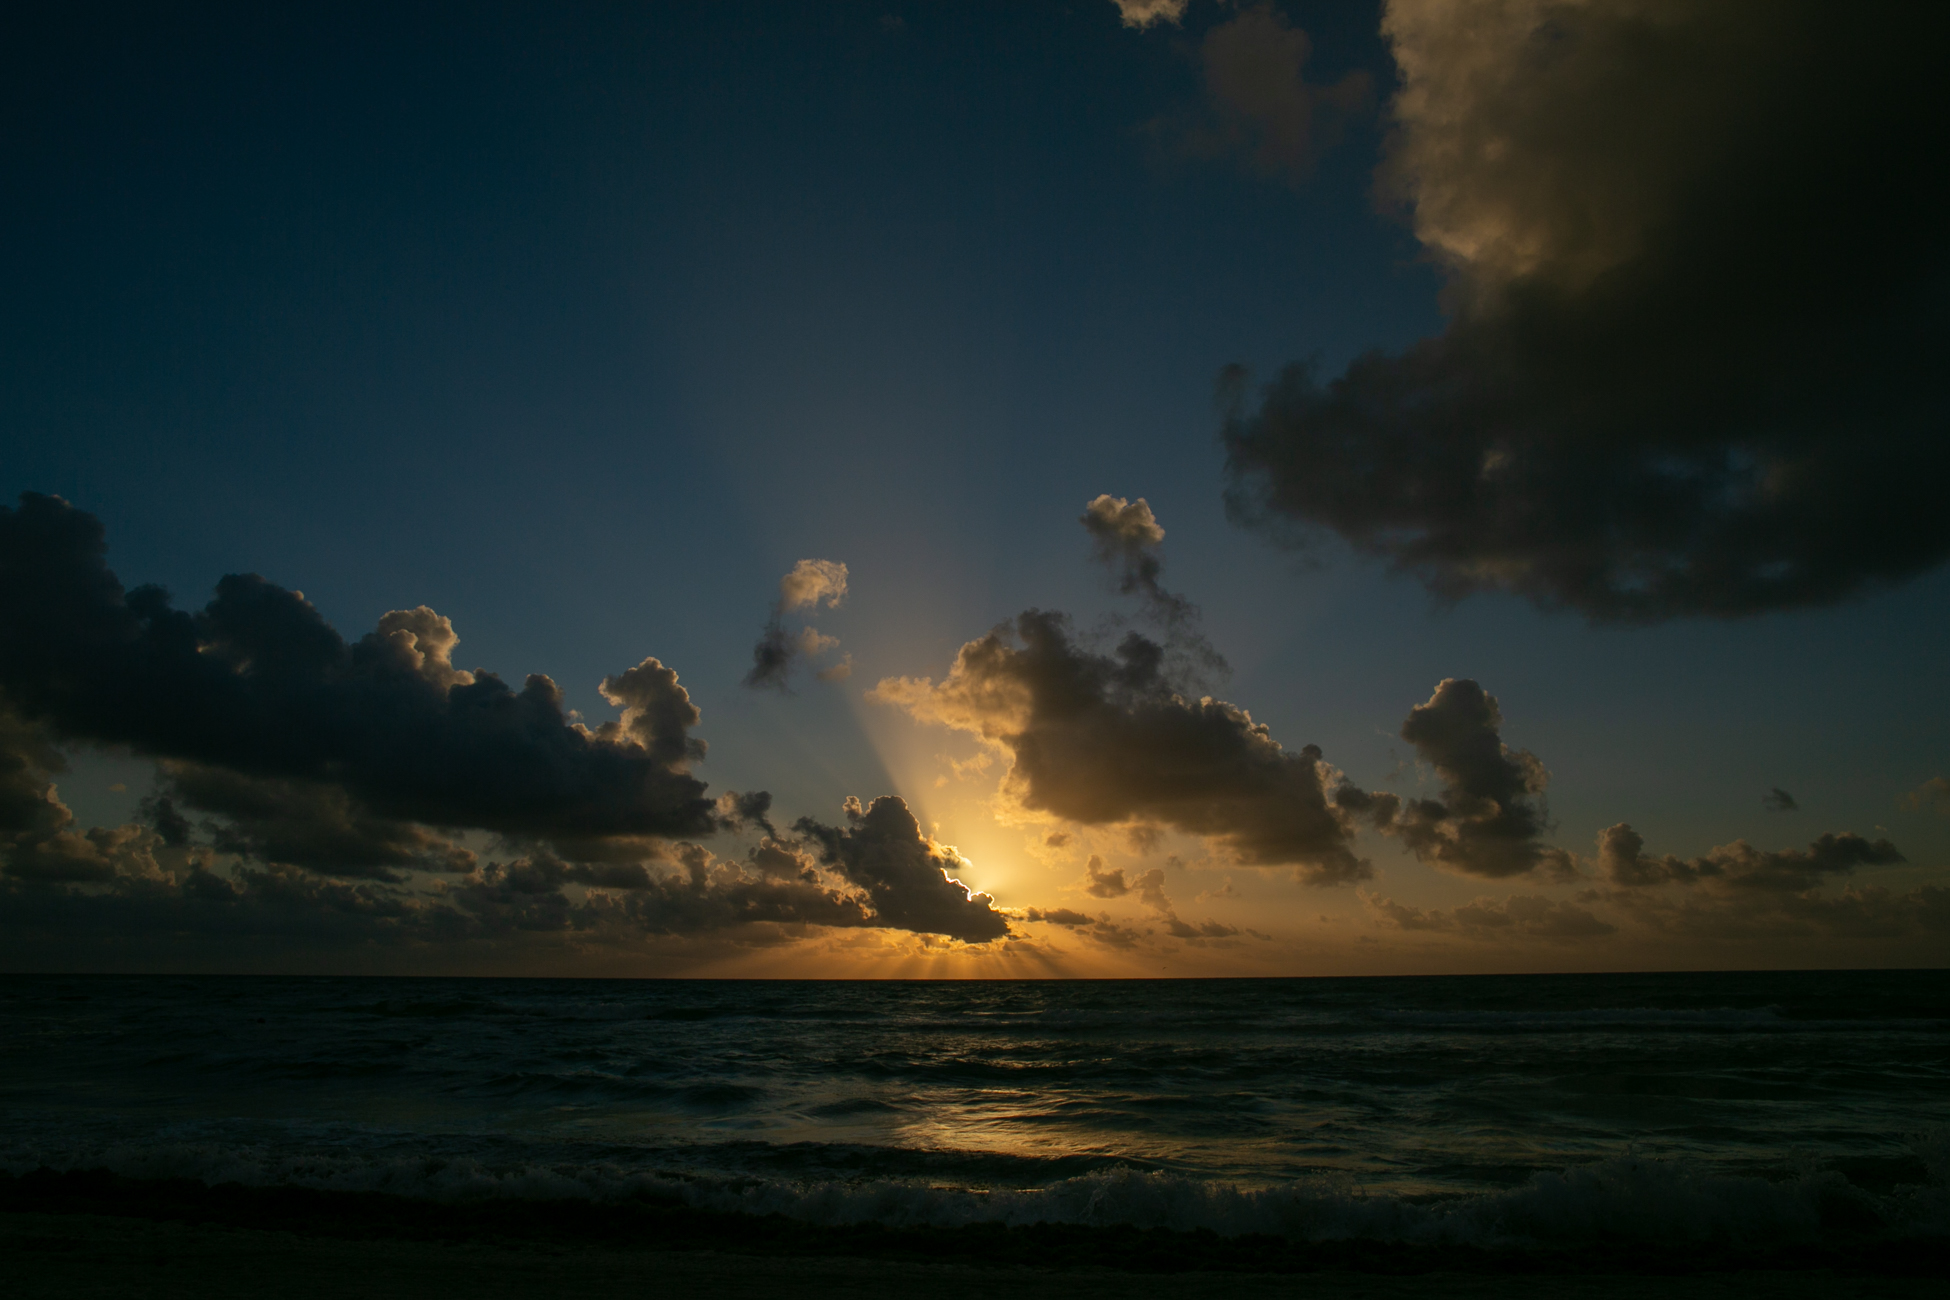 Sunrise on the beach.